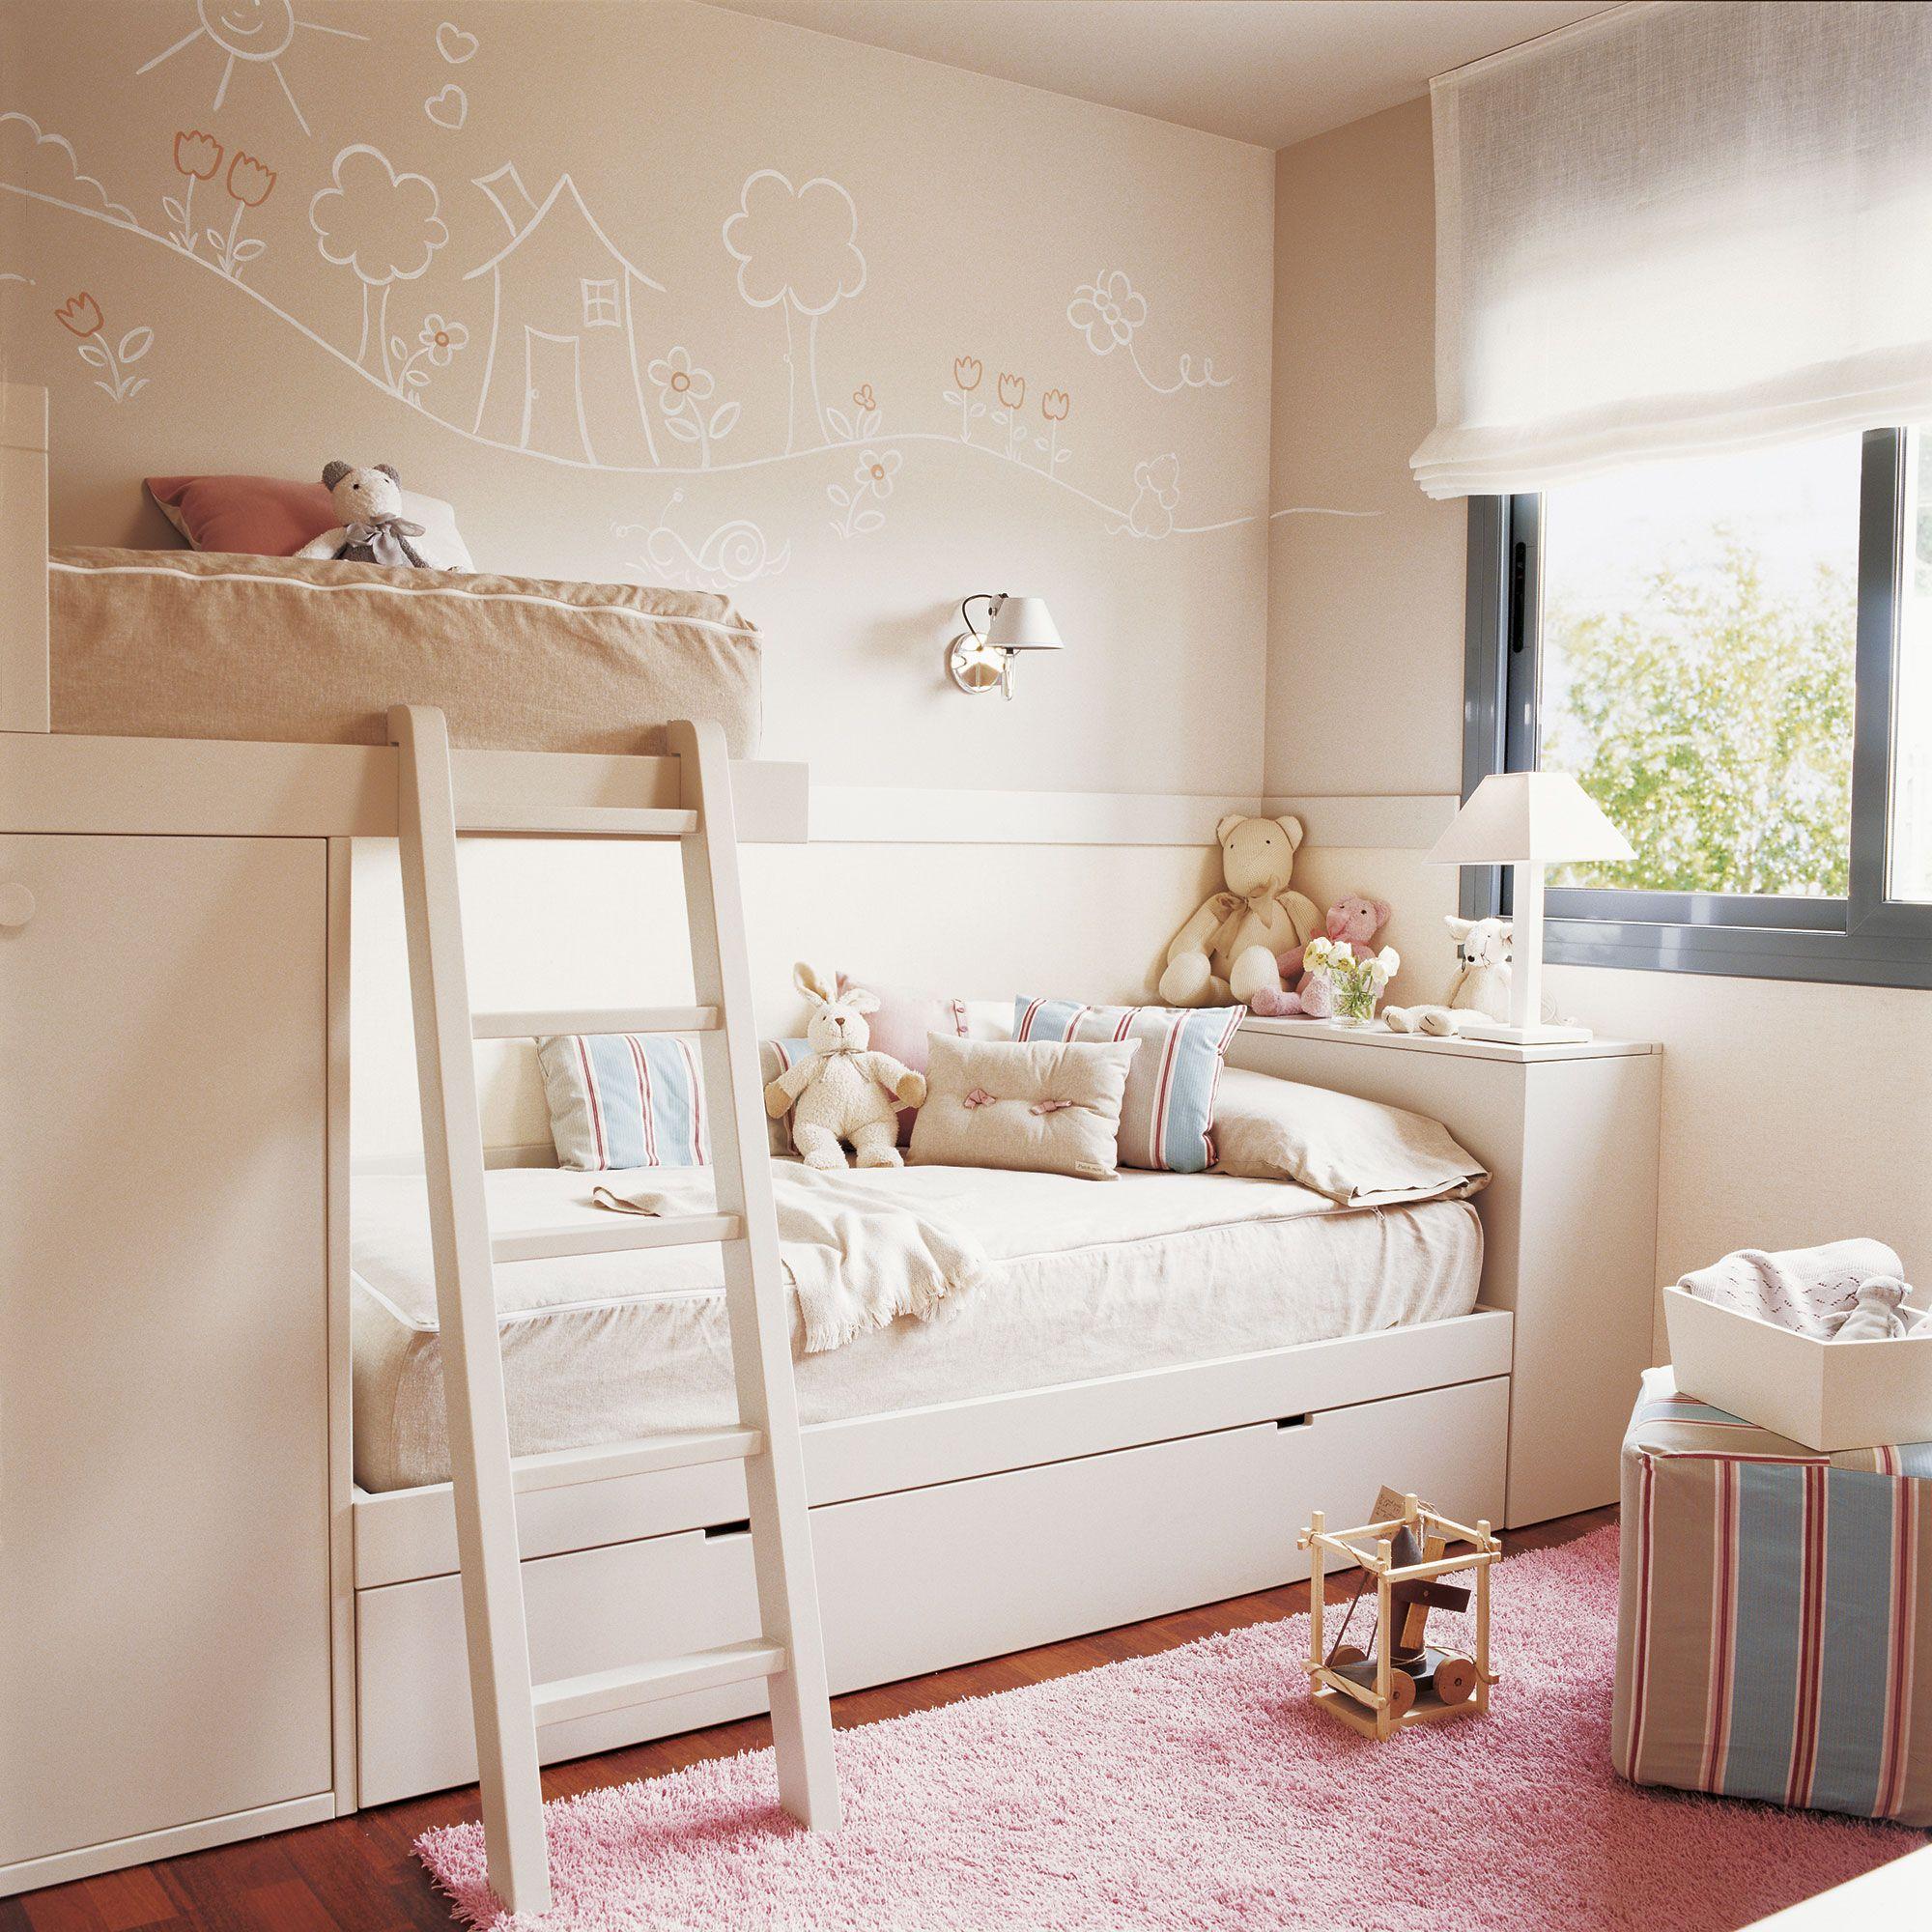 Habitaci n infantil con litera cama nido y espacio central para jugar dormitorios infantiles - Habitacion con cama nido ...